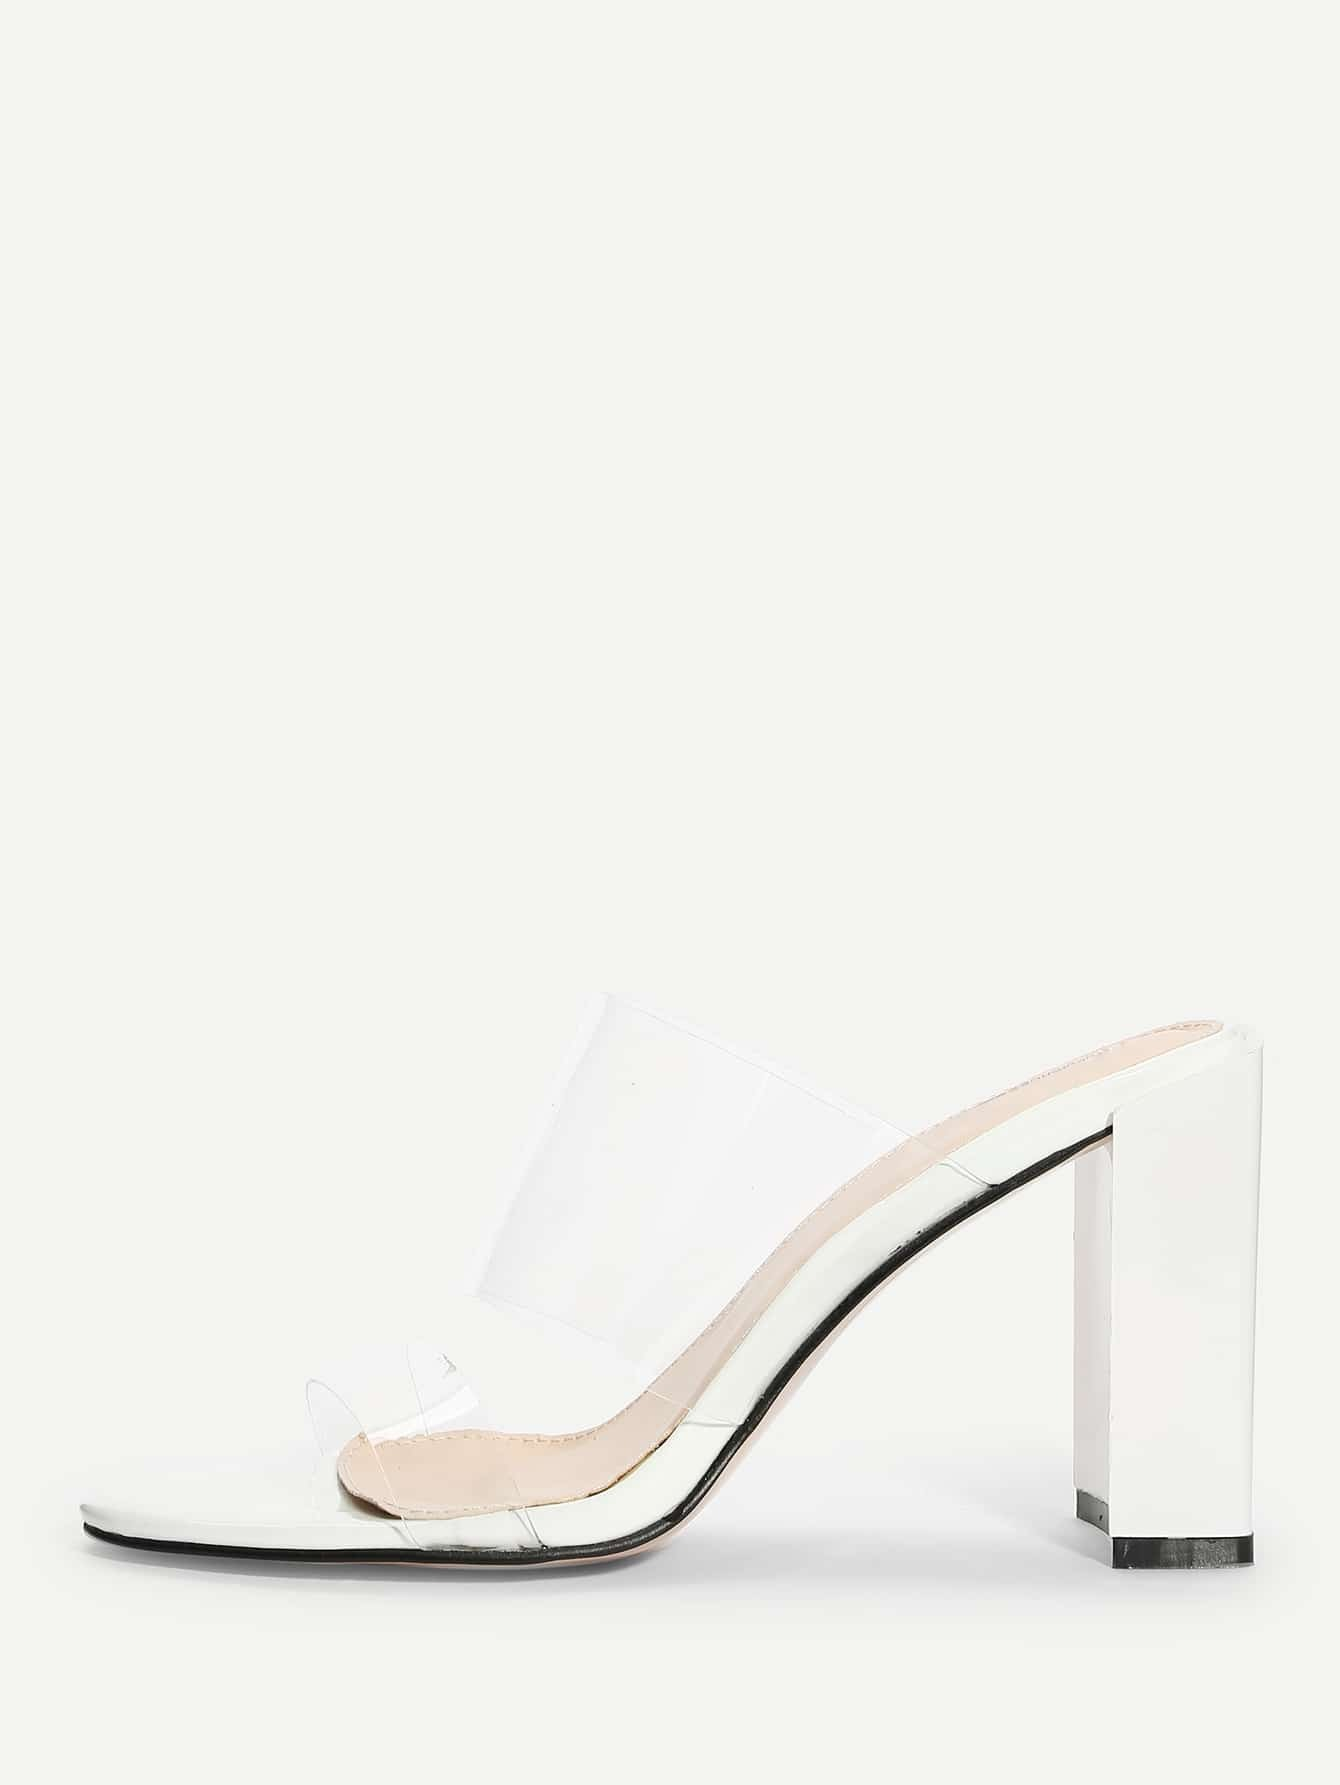 Купить Прозрачные туфли на высоких каблуках с открытой пальцы ноги, null, SheIn